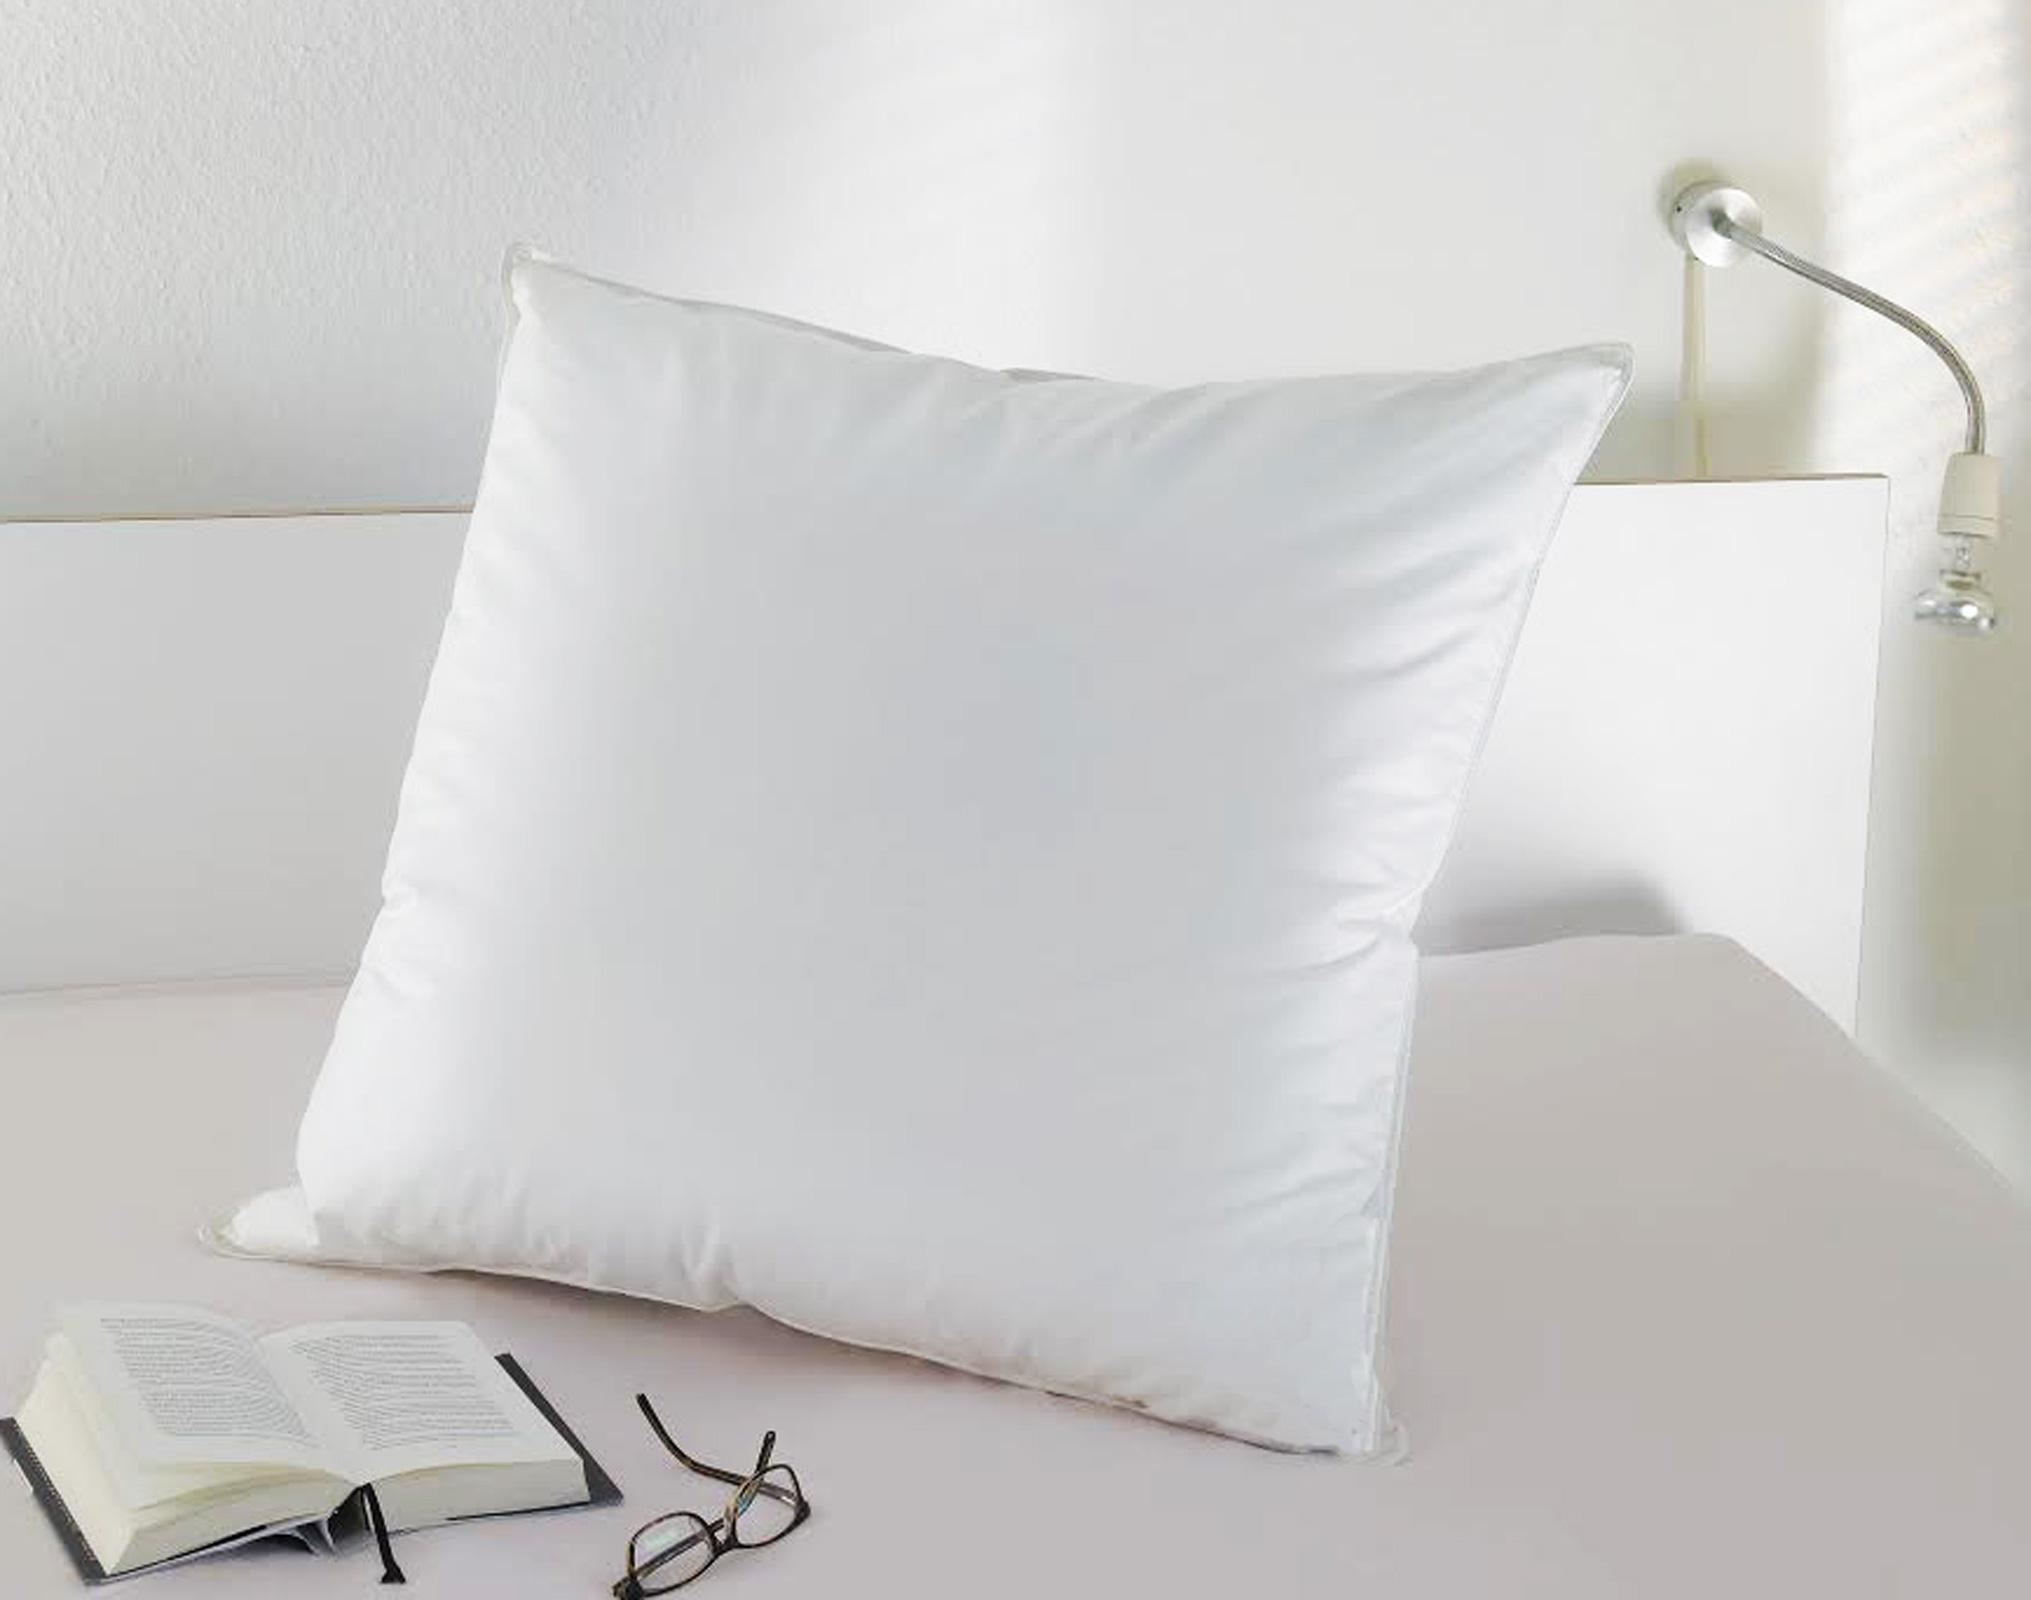 Bettdecken und Kopfkissen - Kopfkissen 40x80 500 Gramm 90 Federn 10 Daunen Serie Moon  - Onlineshop PremiumShop321